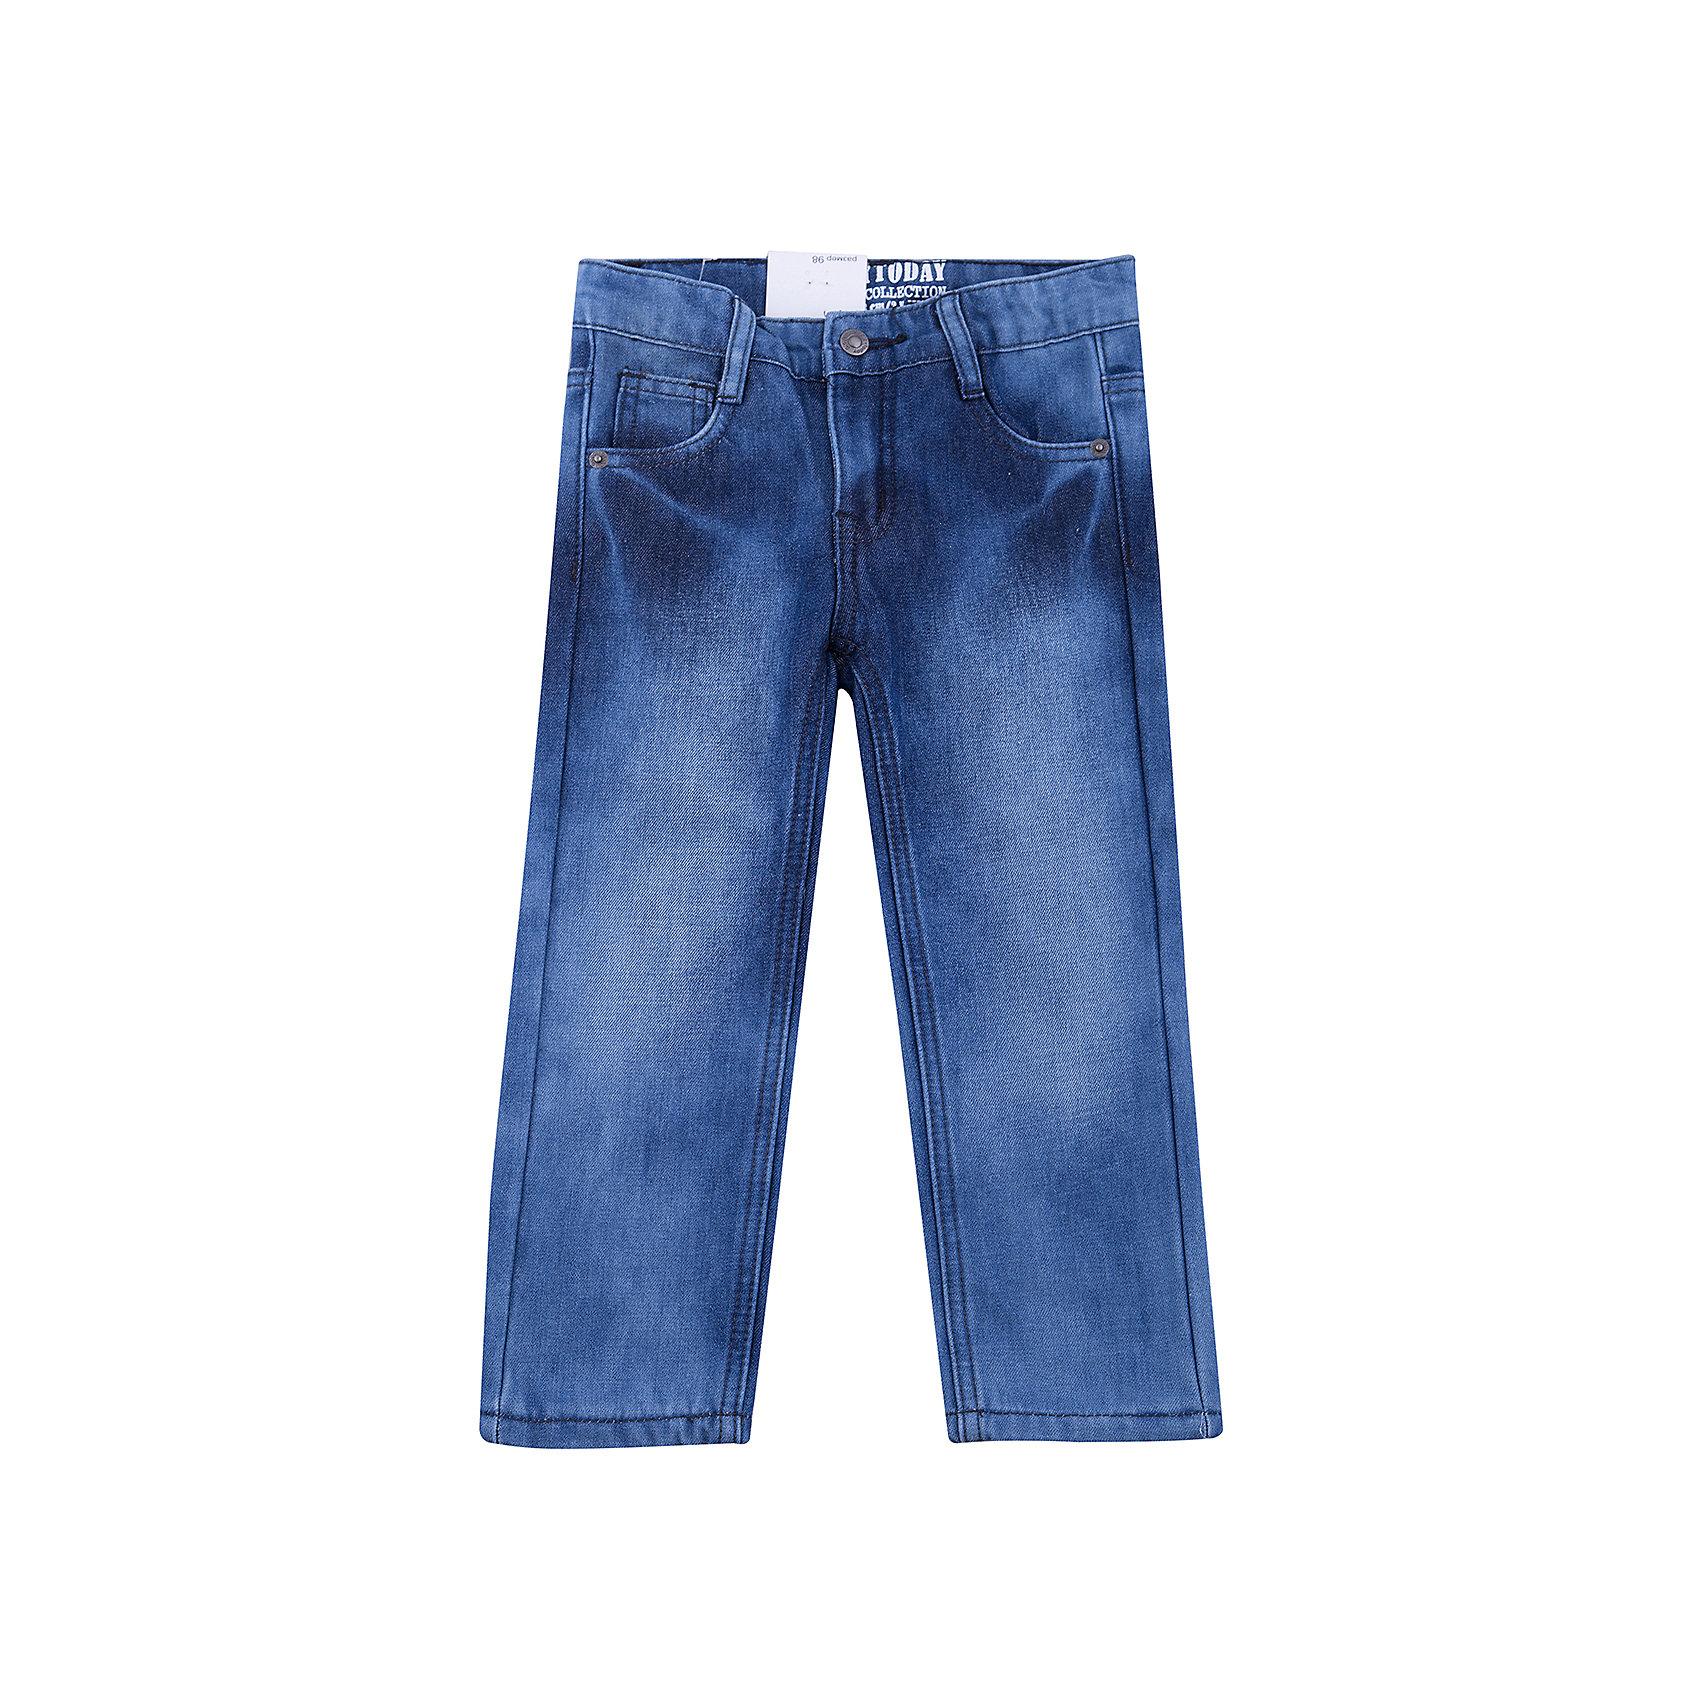 Джинсы PlayToday для мальчикаДжинсы<br>Джинсы PlayToday для мальчика<br>Брюки джинсы из смесовой ткани. Добавление в материал эластана позволяет изделию хорошо сесть по фигуре. В качестве декора использованы потертости. Модель со шлевками, при необходимости можно использовать ремень.<br>Состав:<br>50% хлопок, 50% полиэстер<br><br>Ширина мм: 215<br>Глубина мм: 88<br>Высота мм: 191<br>Вес г: 336<br>Цвет: синий<br>Возраст от месяцев: 84<br>Возраст до месяцев: 96<br>Пол: Мужской<br>Возраст: Детский<br>Размер: 128,98,104,110,116,122<br>SKU: 7110688